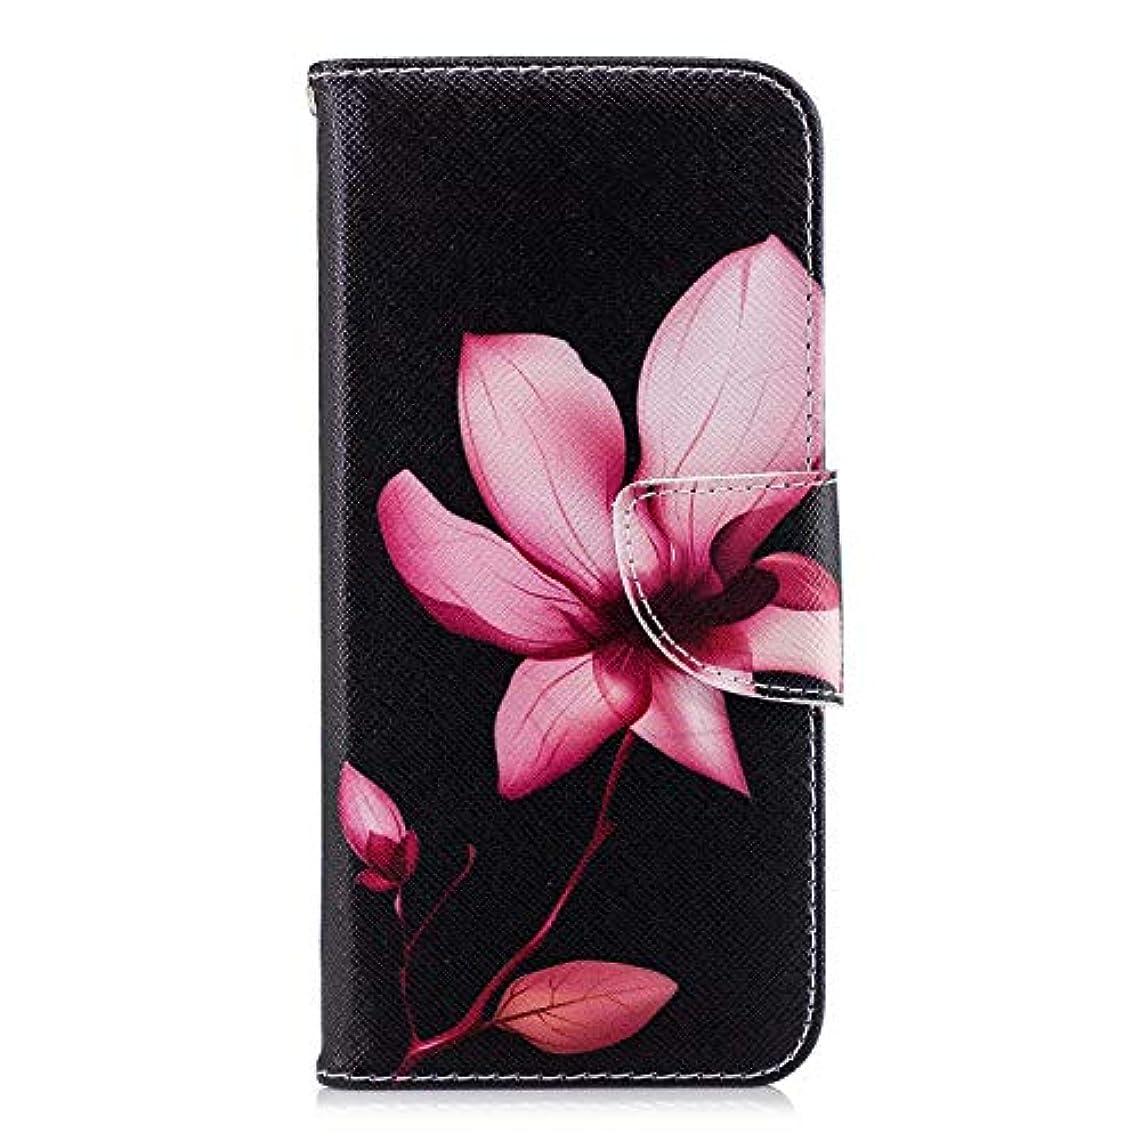 驚かすサンダー気分が良いOMATENTI Huawei Honor 10 ケース, ファッション人気 PUレザー 手帳 軽量 電話ケース 耐衝撃性 落下防止 薄型 スマホケースザー 付きスタンド機能, マグネット開閉式 そしてカード収納 Huawei...